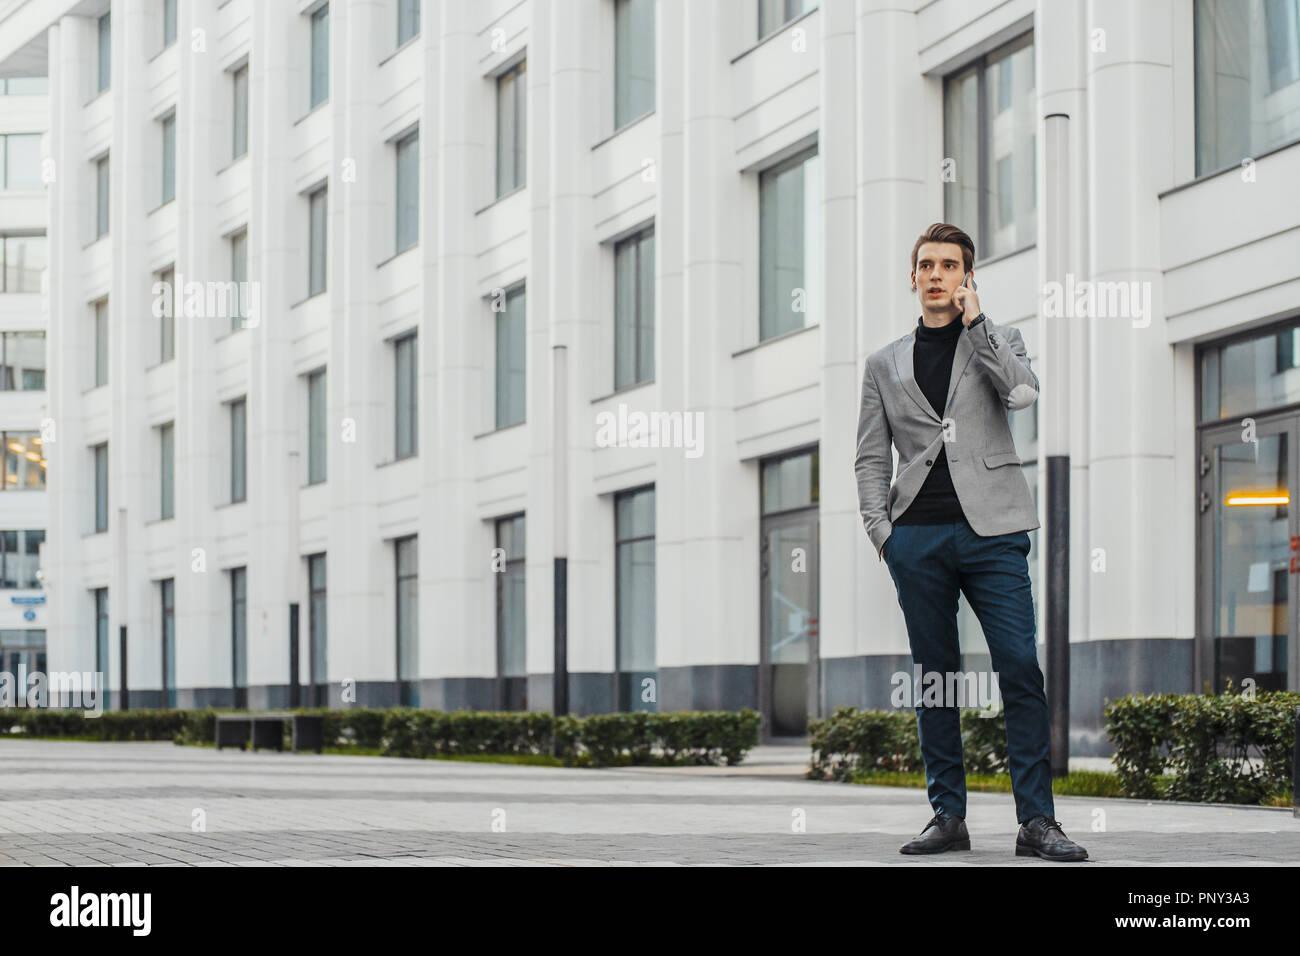 Joven empresario hablando por teléfono móvil situado junto al centro de negocios. Imagen De Stock